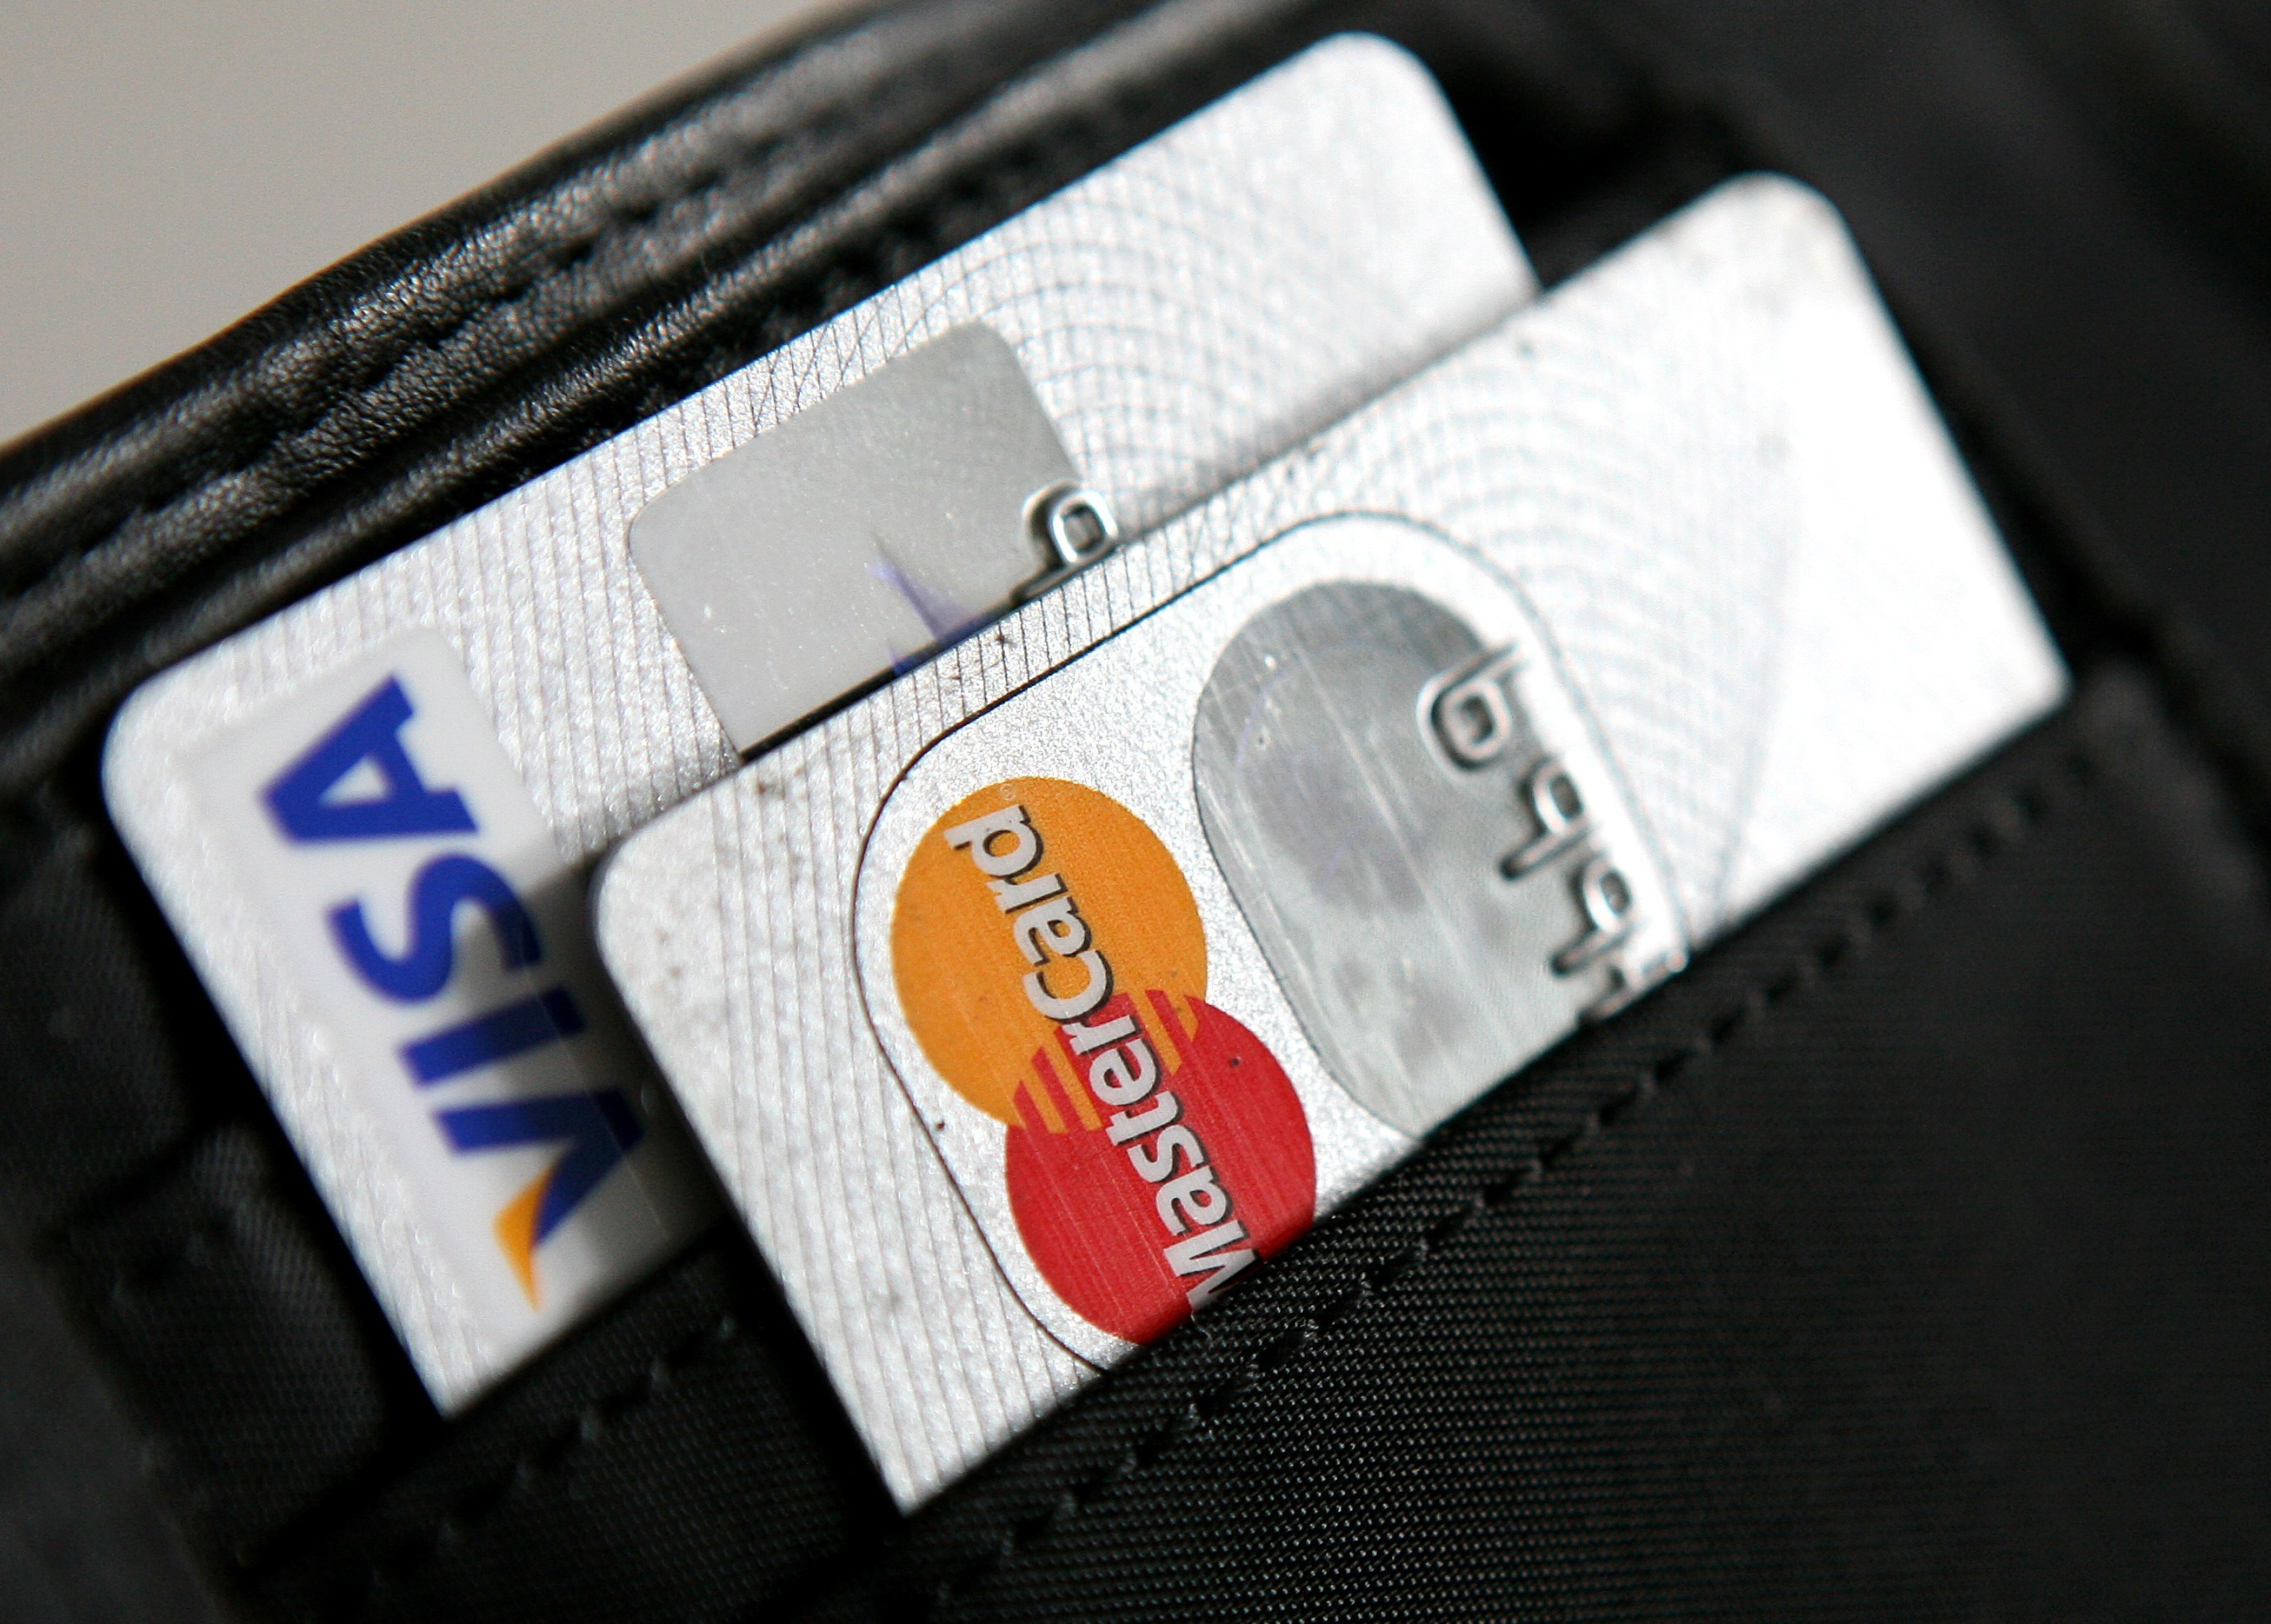 Kreditkarten von Visa und Mastercard